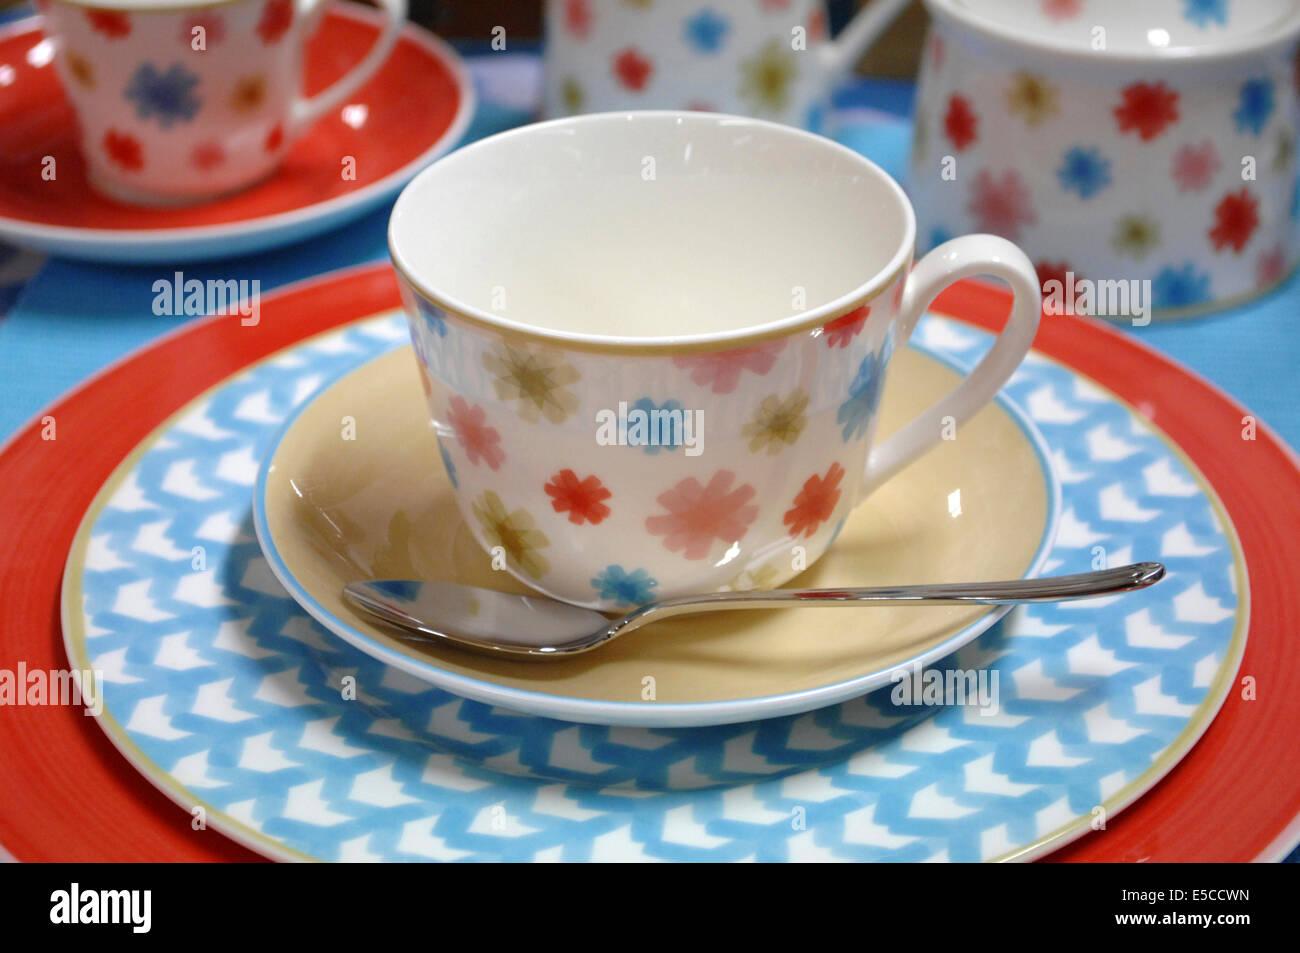 tasse und untertasse mit teelffel aus der villeroyboch lina geschirr muster - Geschirr Muster